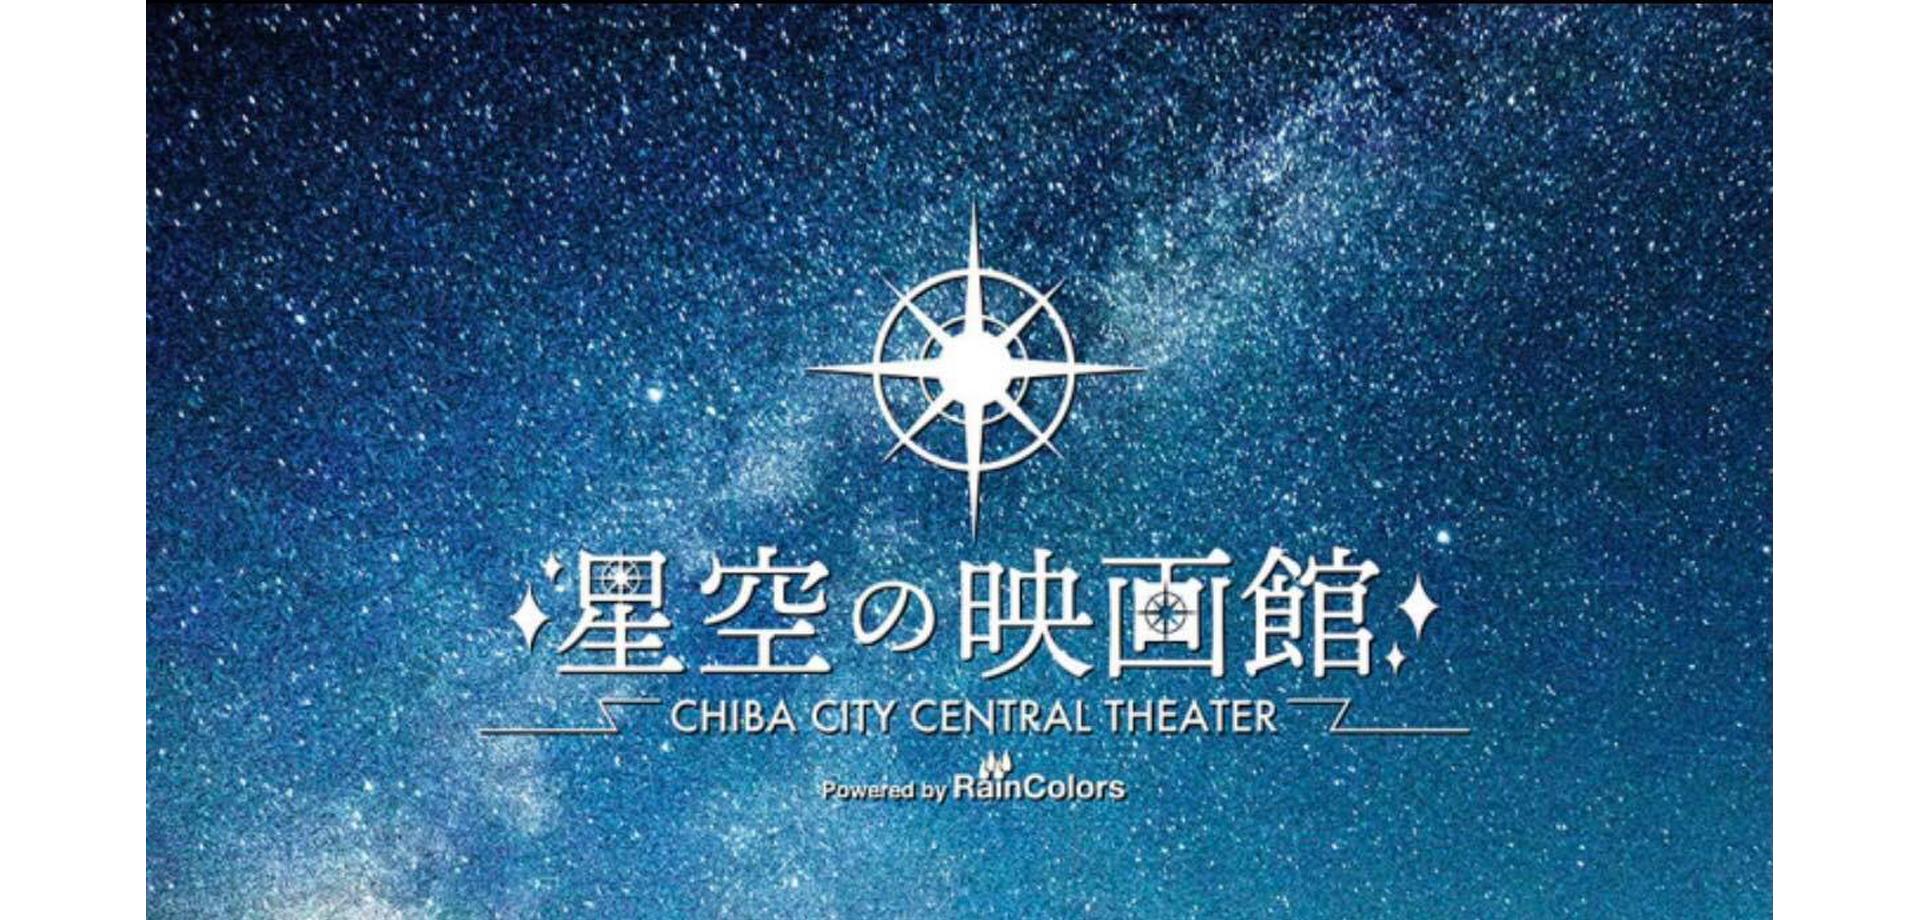 星空の映画館 ~CHIBA CITY CENTRAL THEATER~ Powered by レインカラーズ